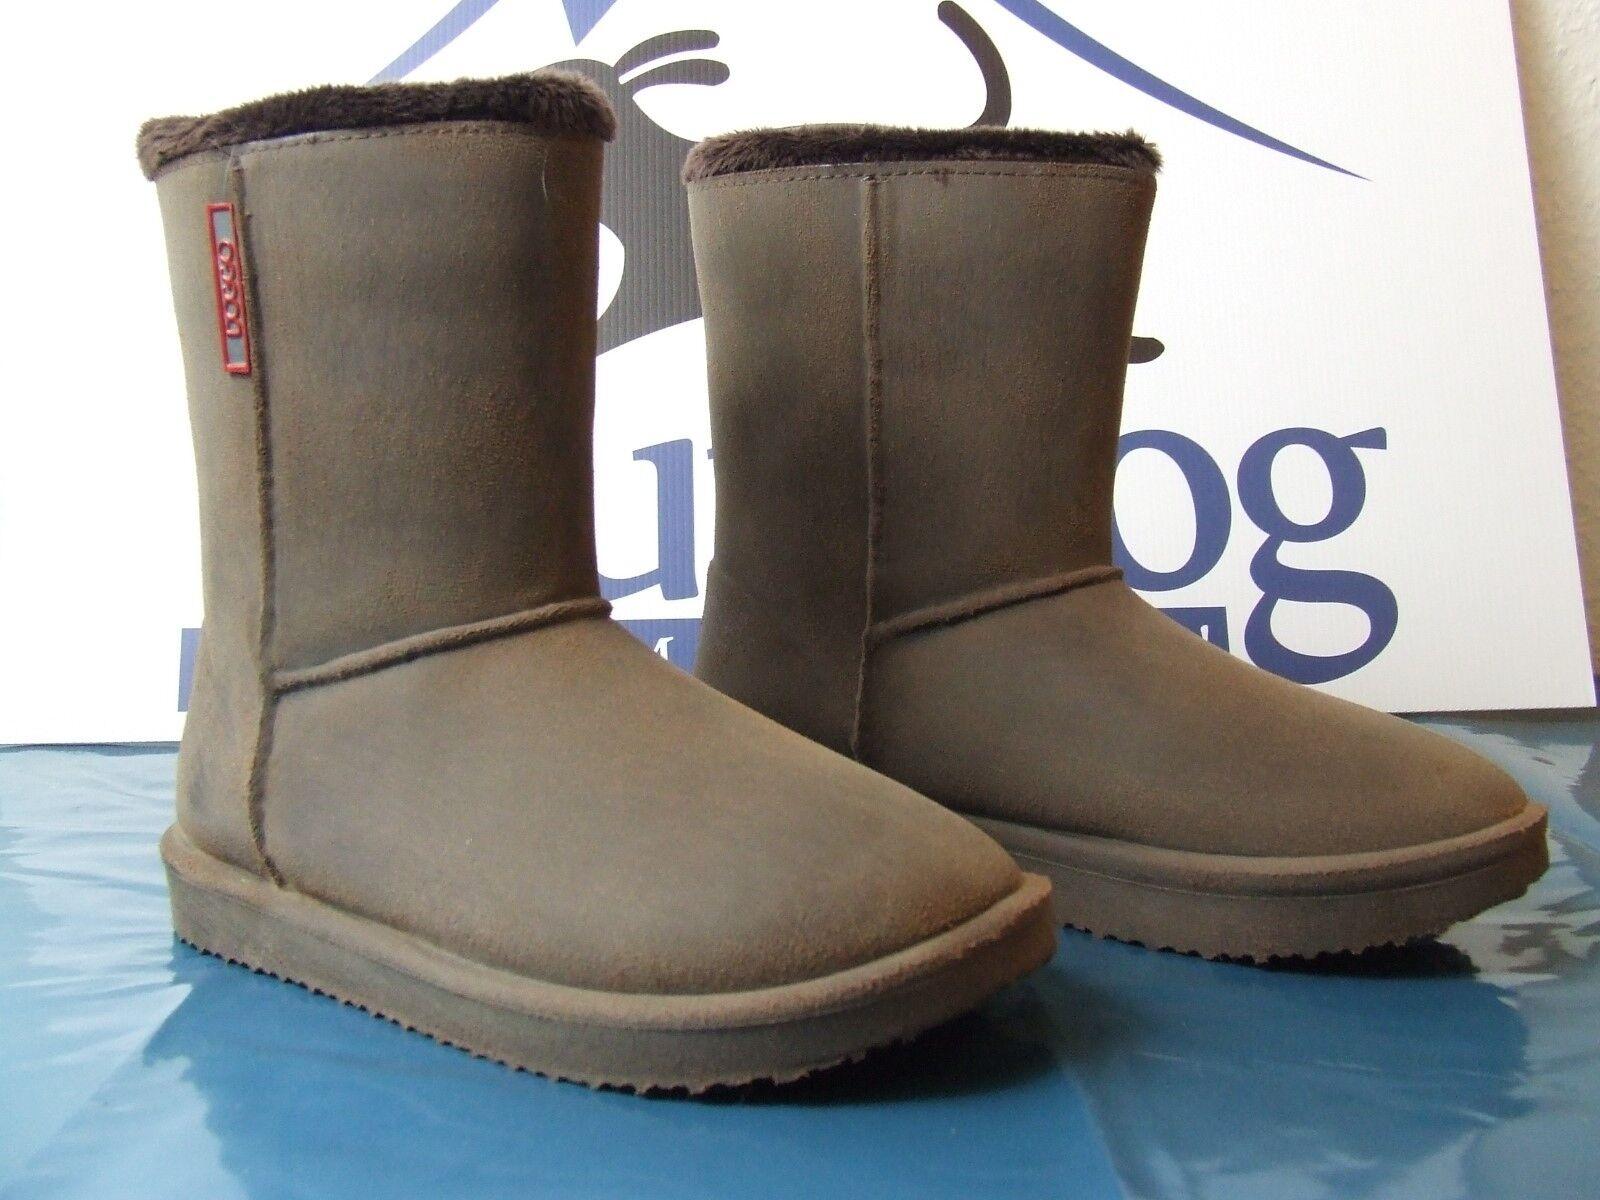 Warm, stylisch und wasserdicht  Gummi Stiefelie in Velourleder- Optik MAYA in 40